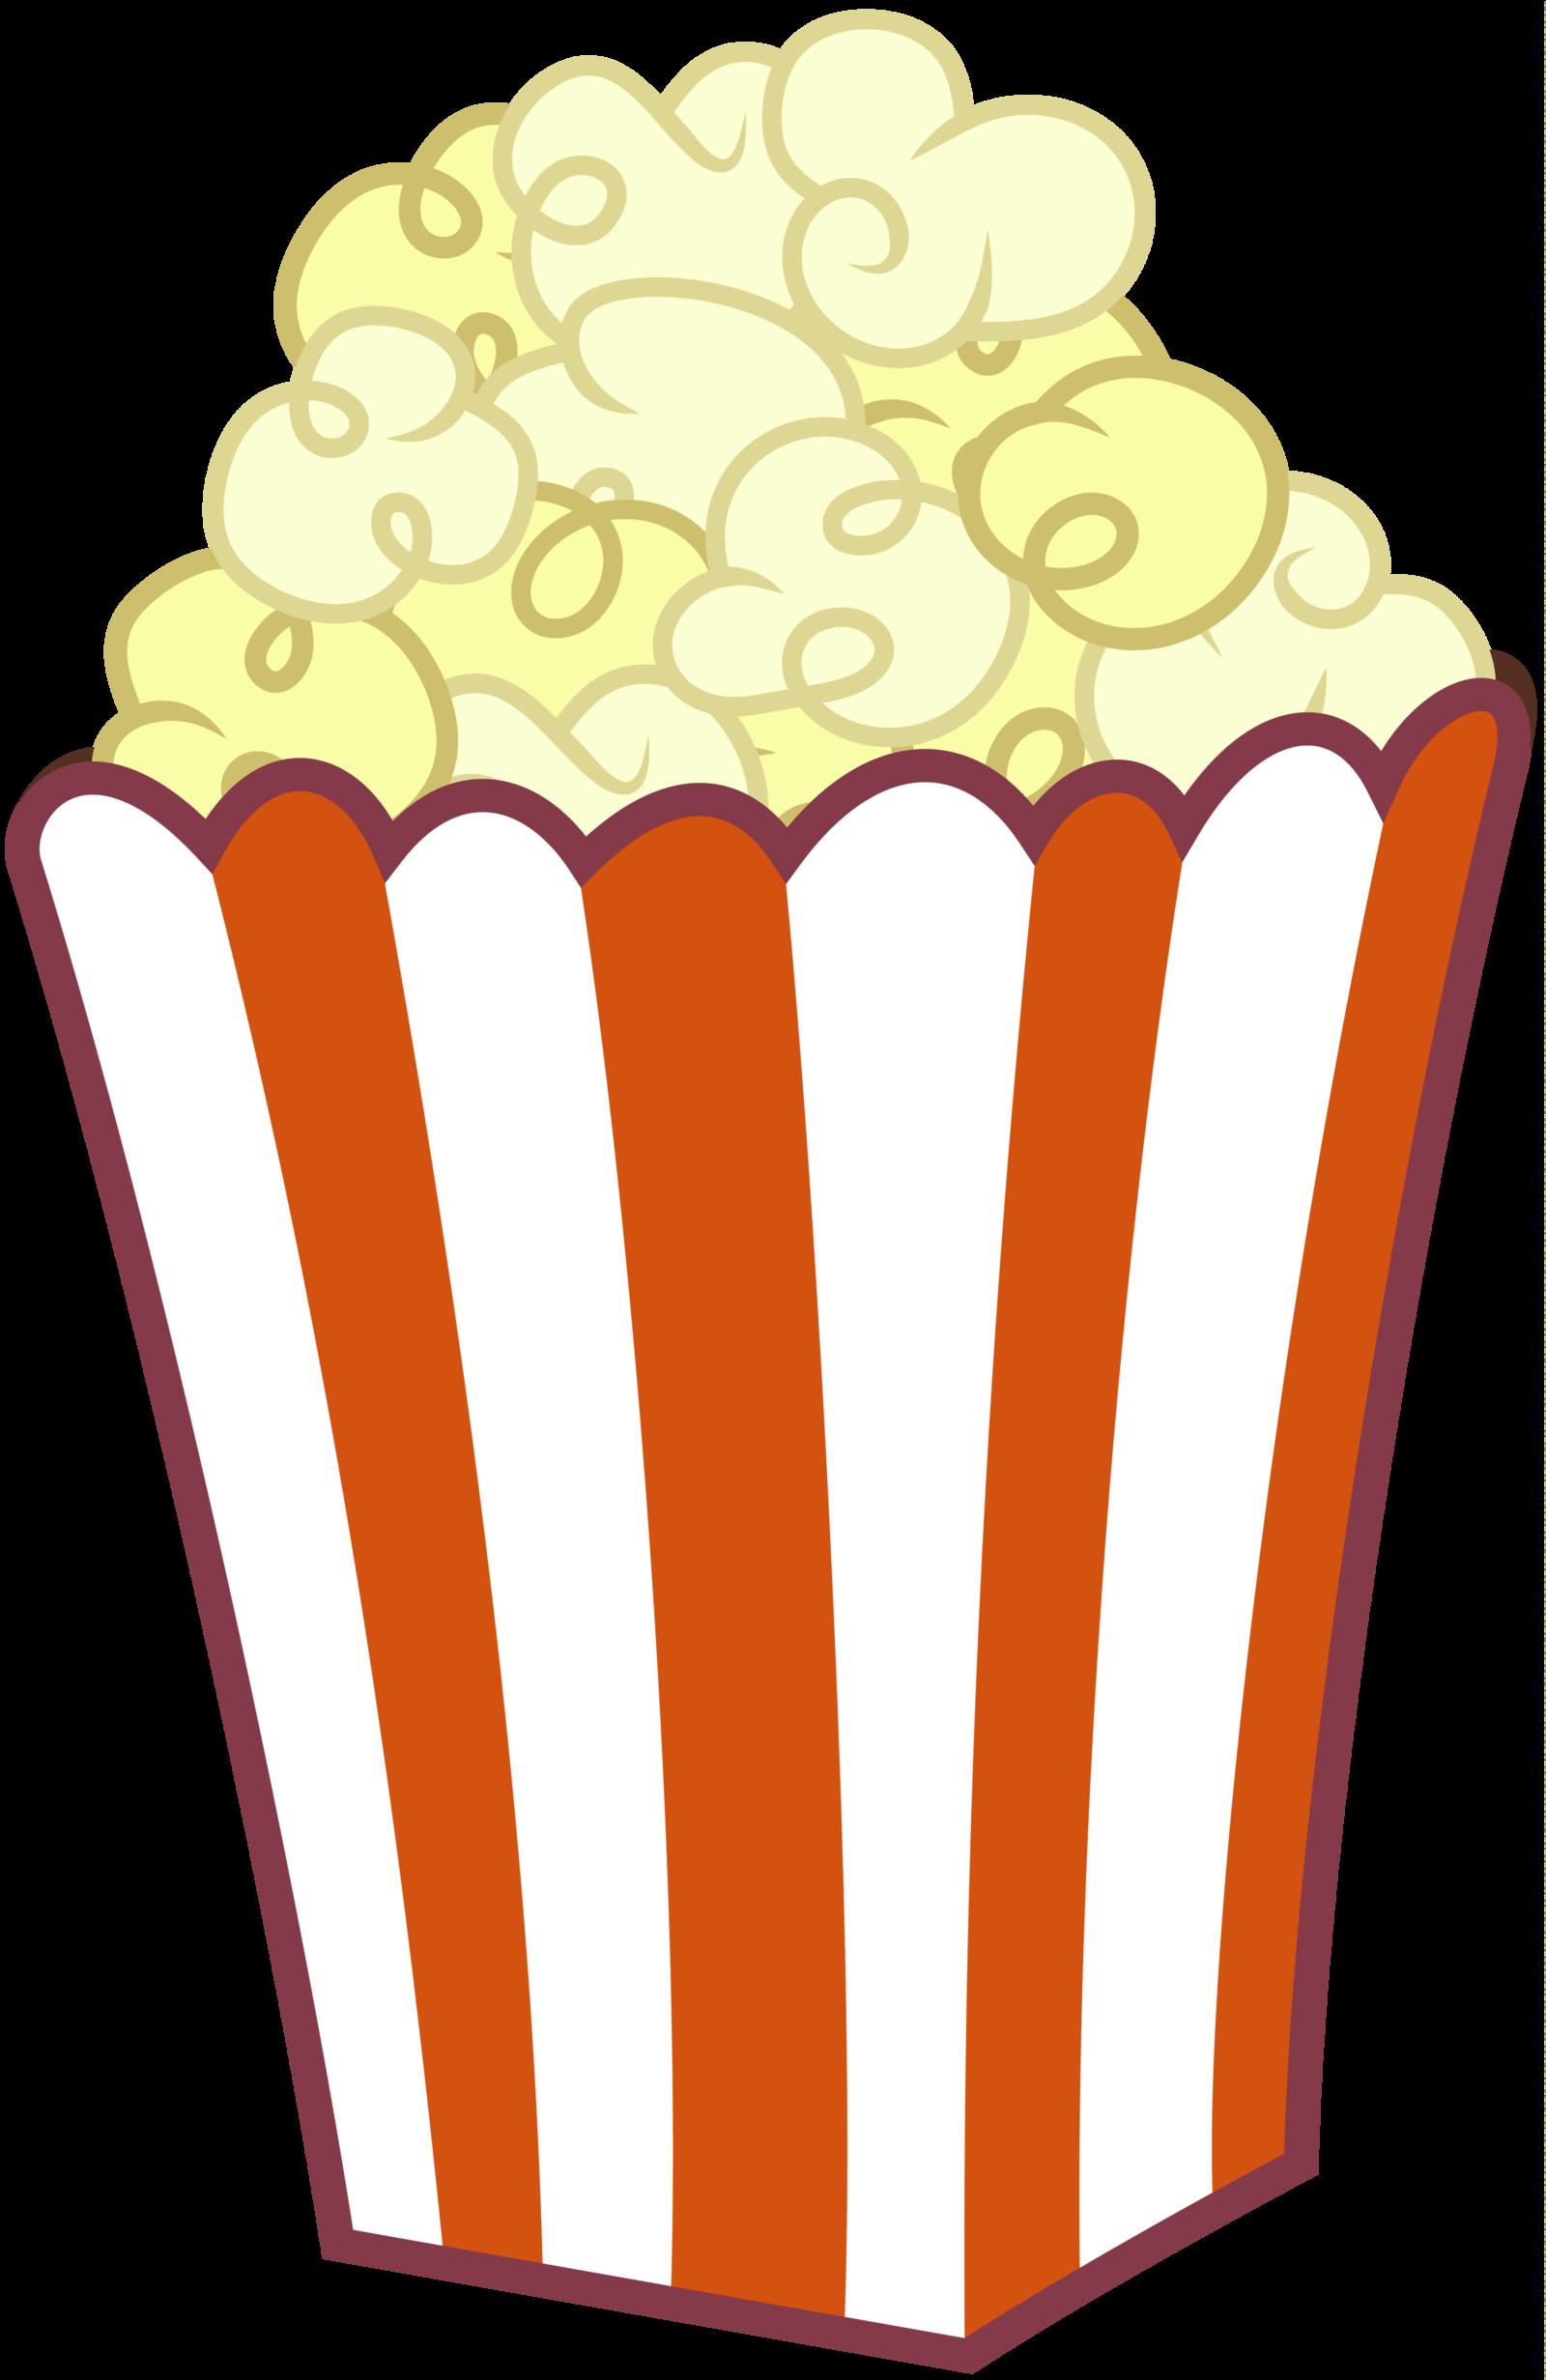 Popcorn Bag Clipart.